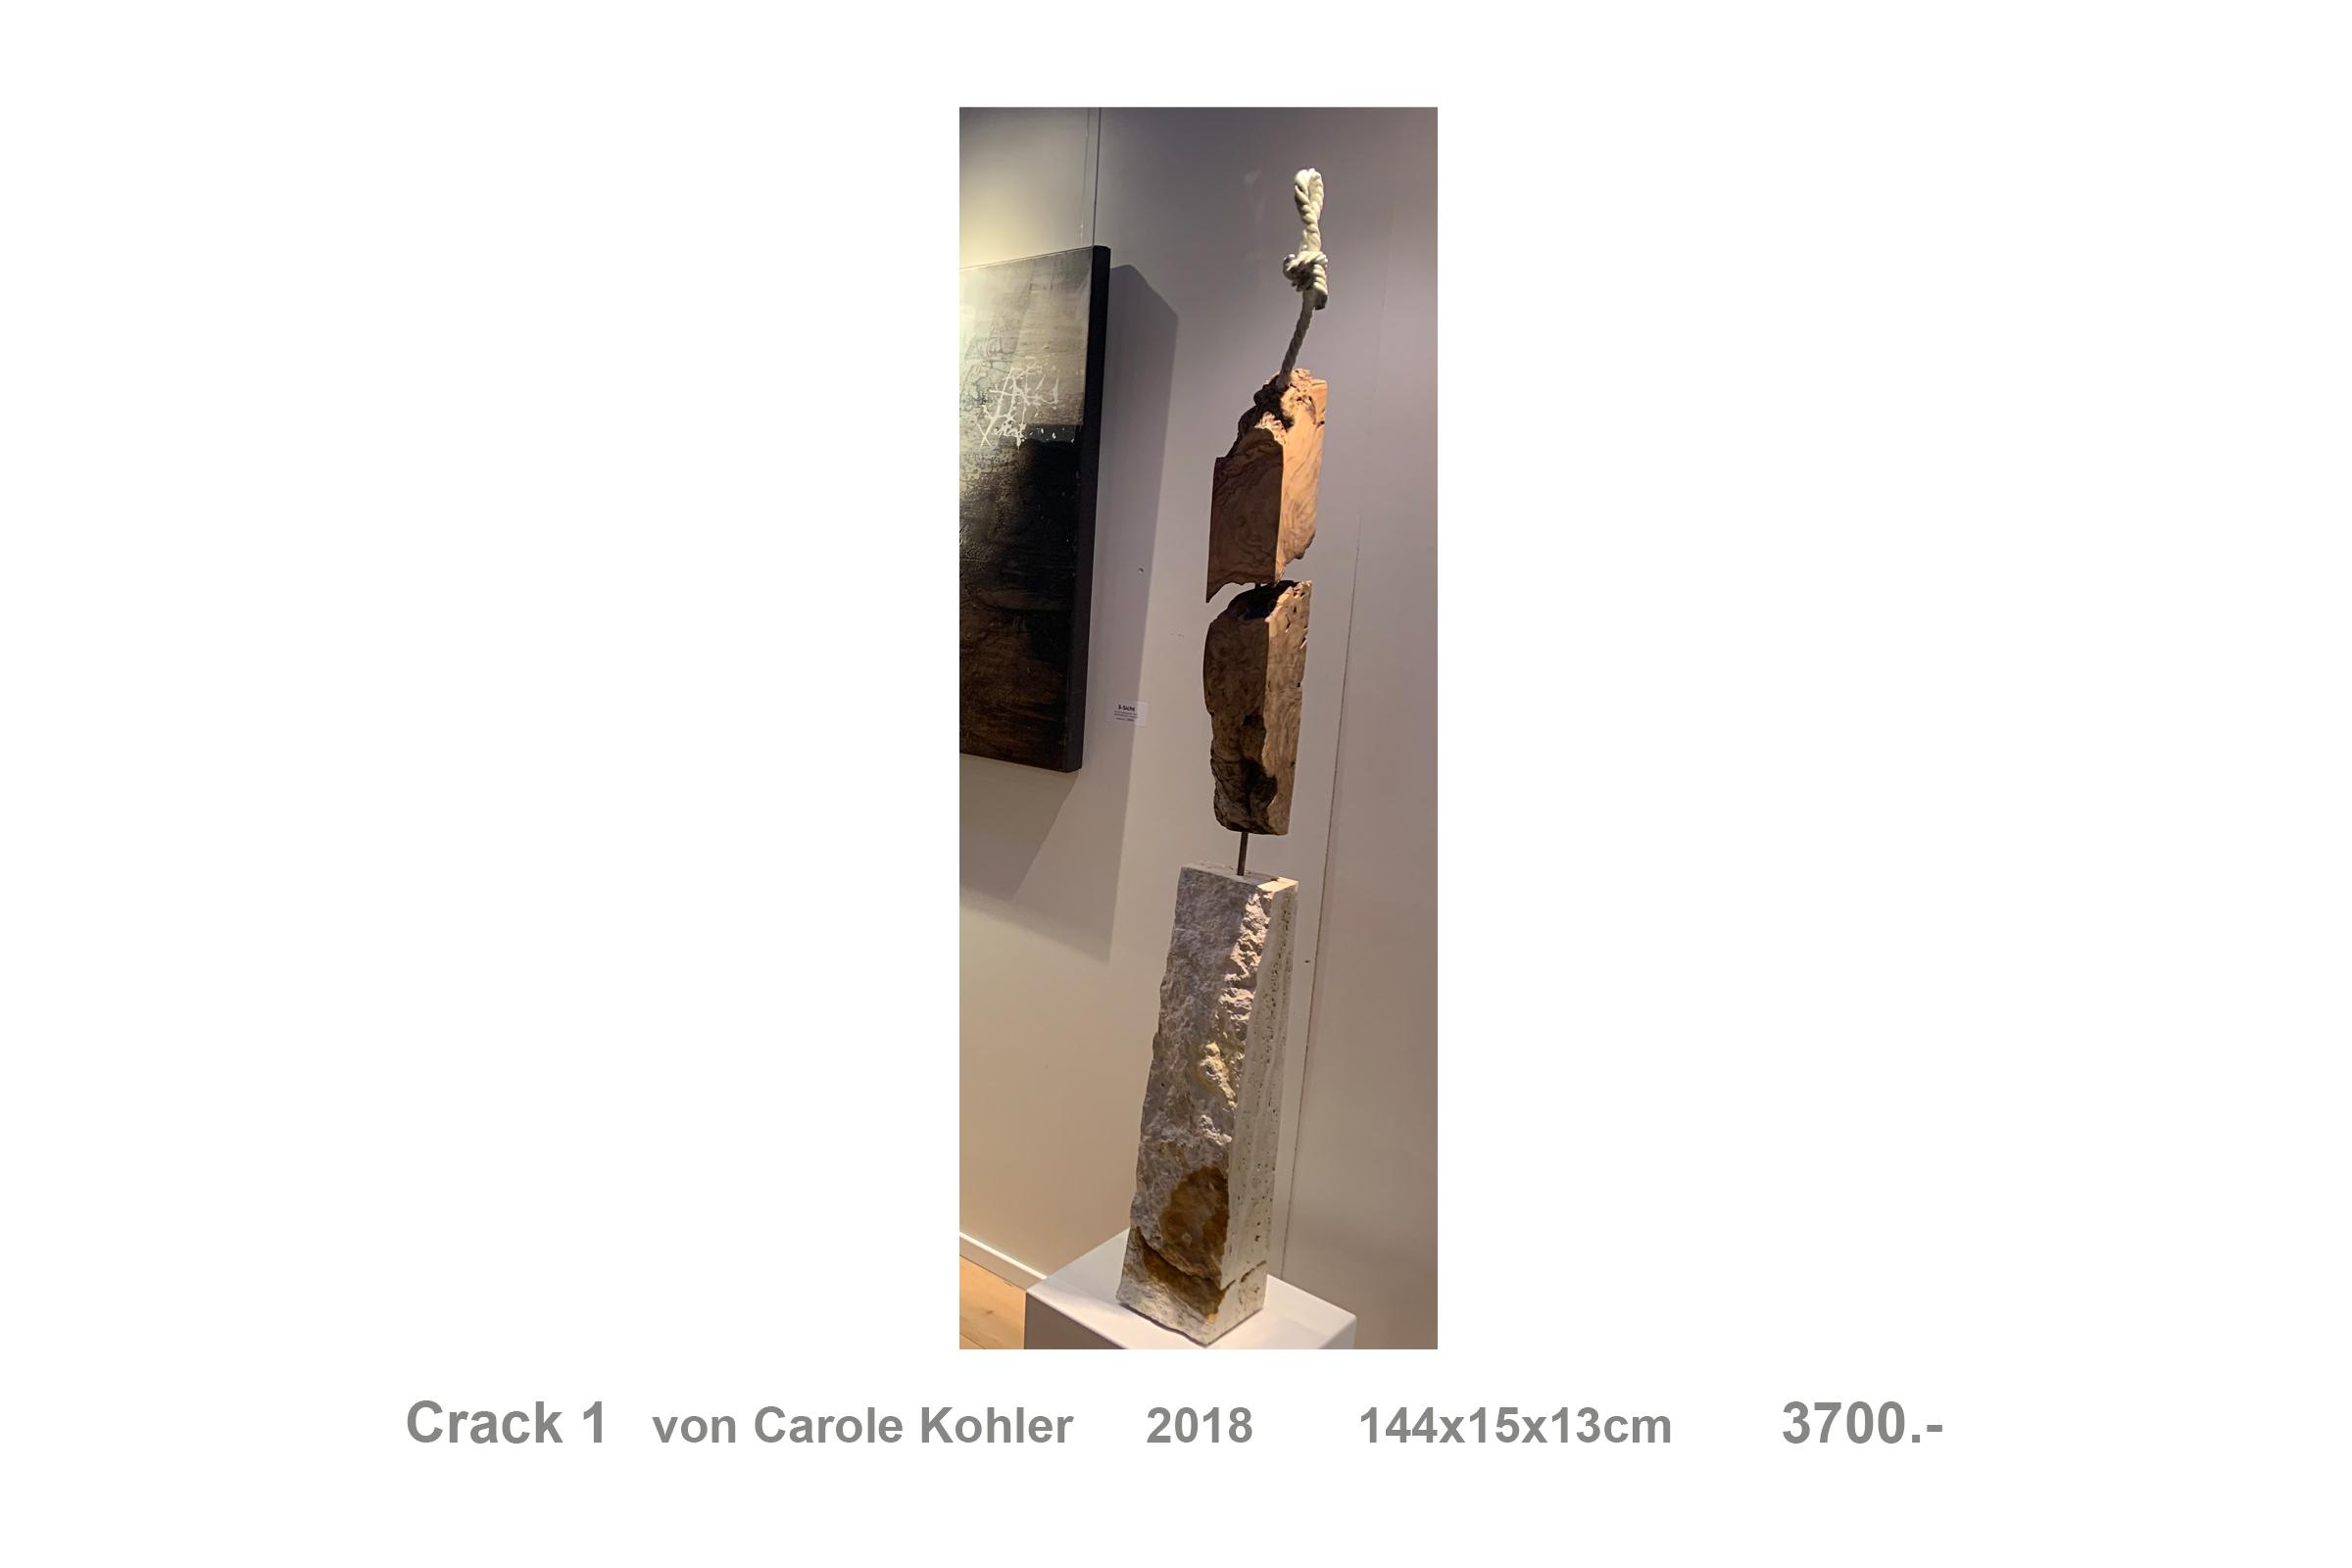 Crack 1